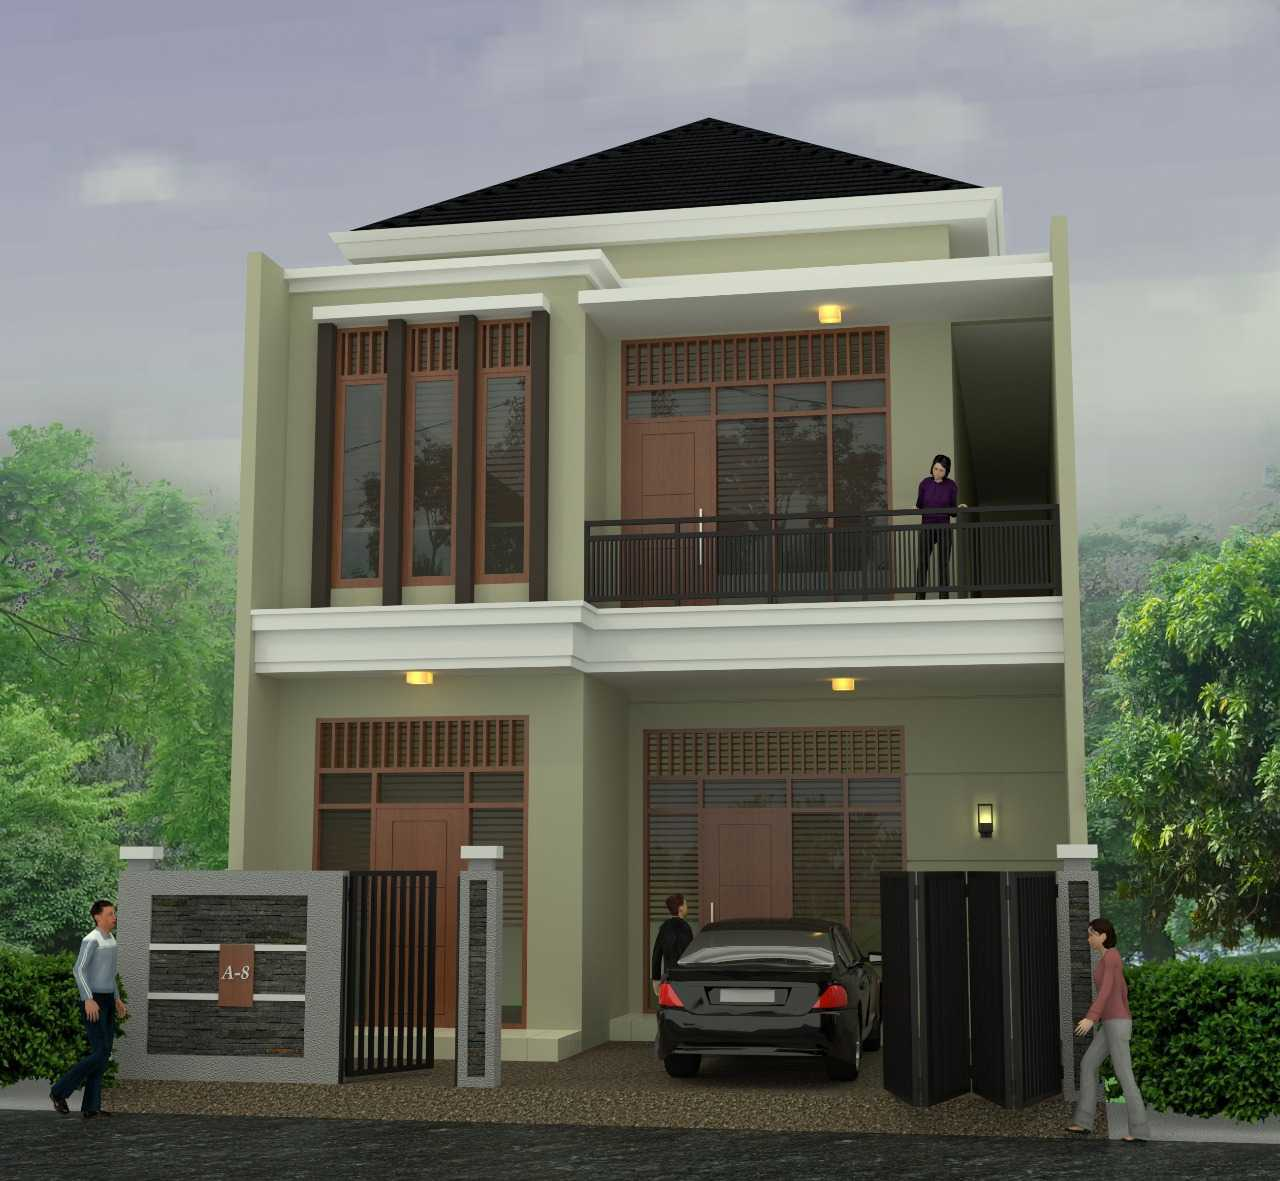 Ady-Studio Desain Rumah 2 Lantai Jl. Nangka Raya, Pamulang Tim., Pamulang, Kota Tangerang Selatan, Banten 15417, Indonesia  Ady-Studio-Desain-Rumah-2-Lantai  55769